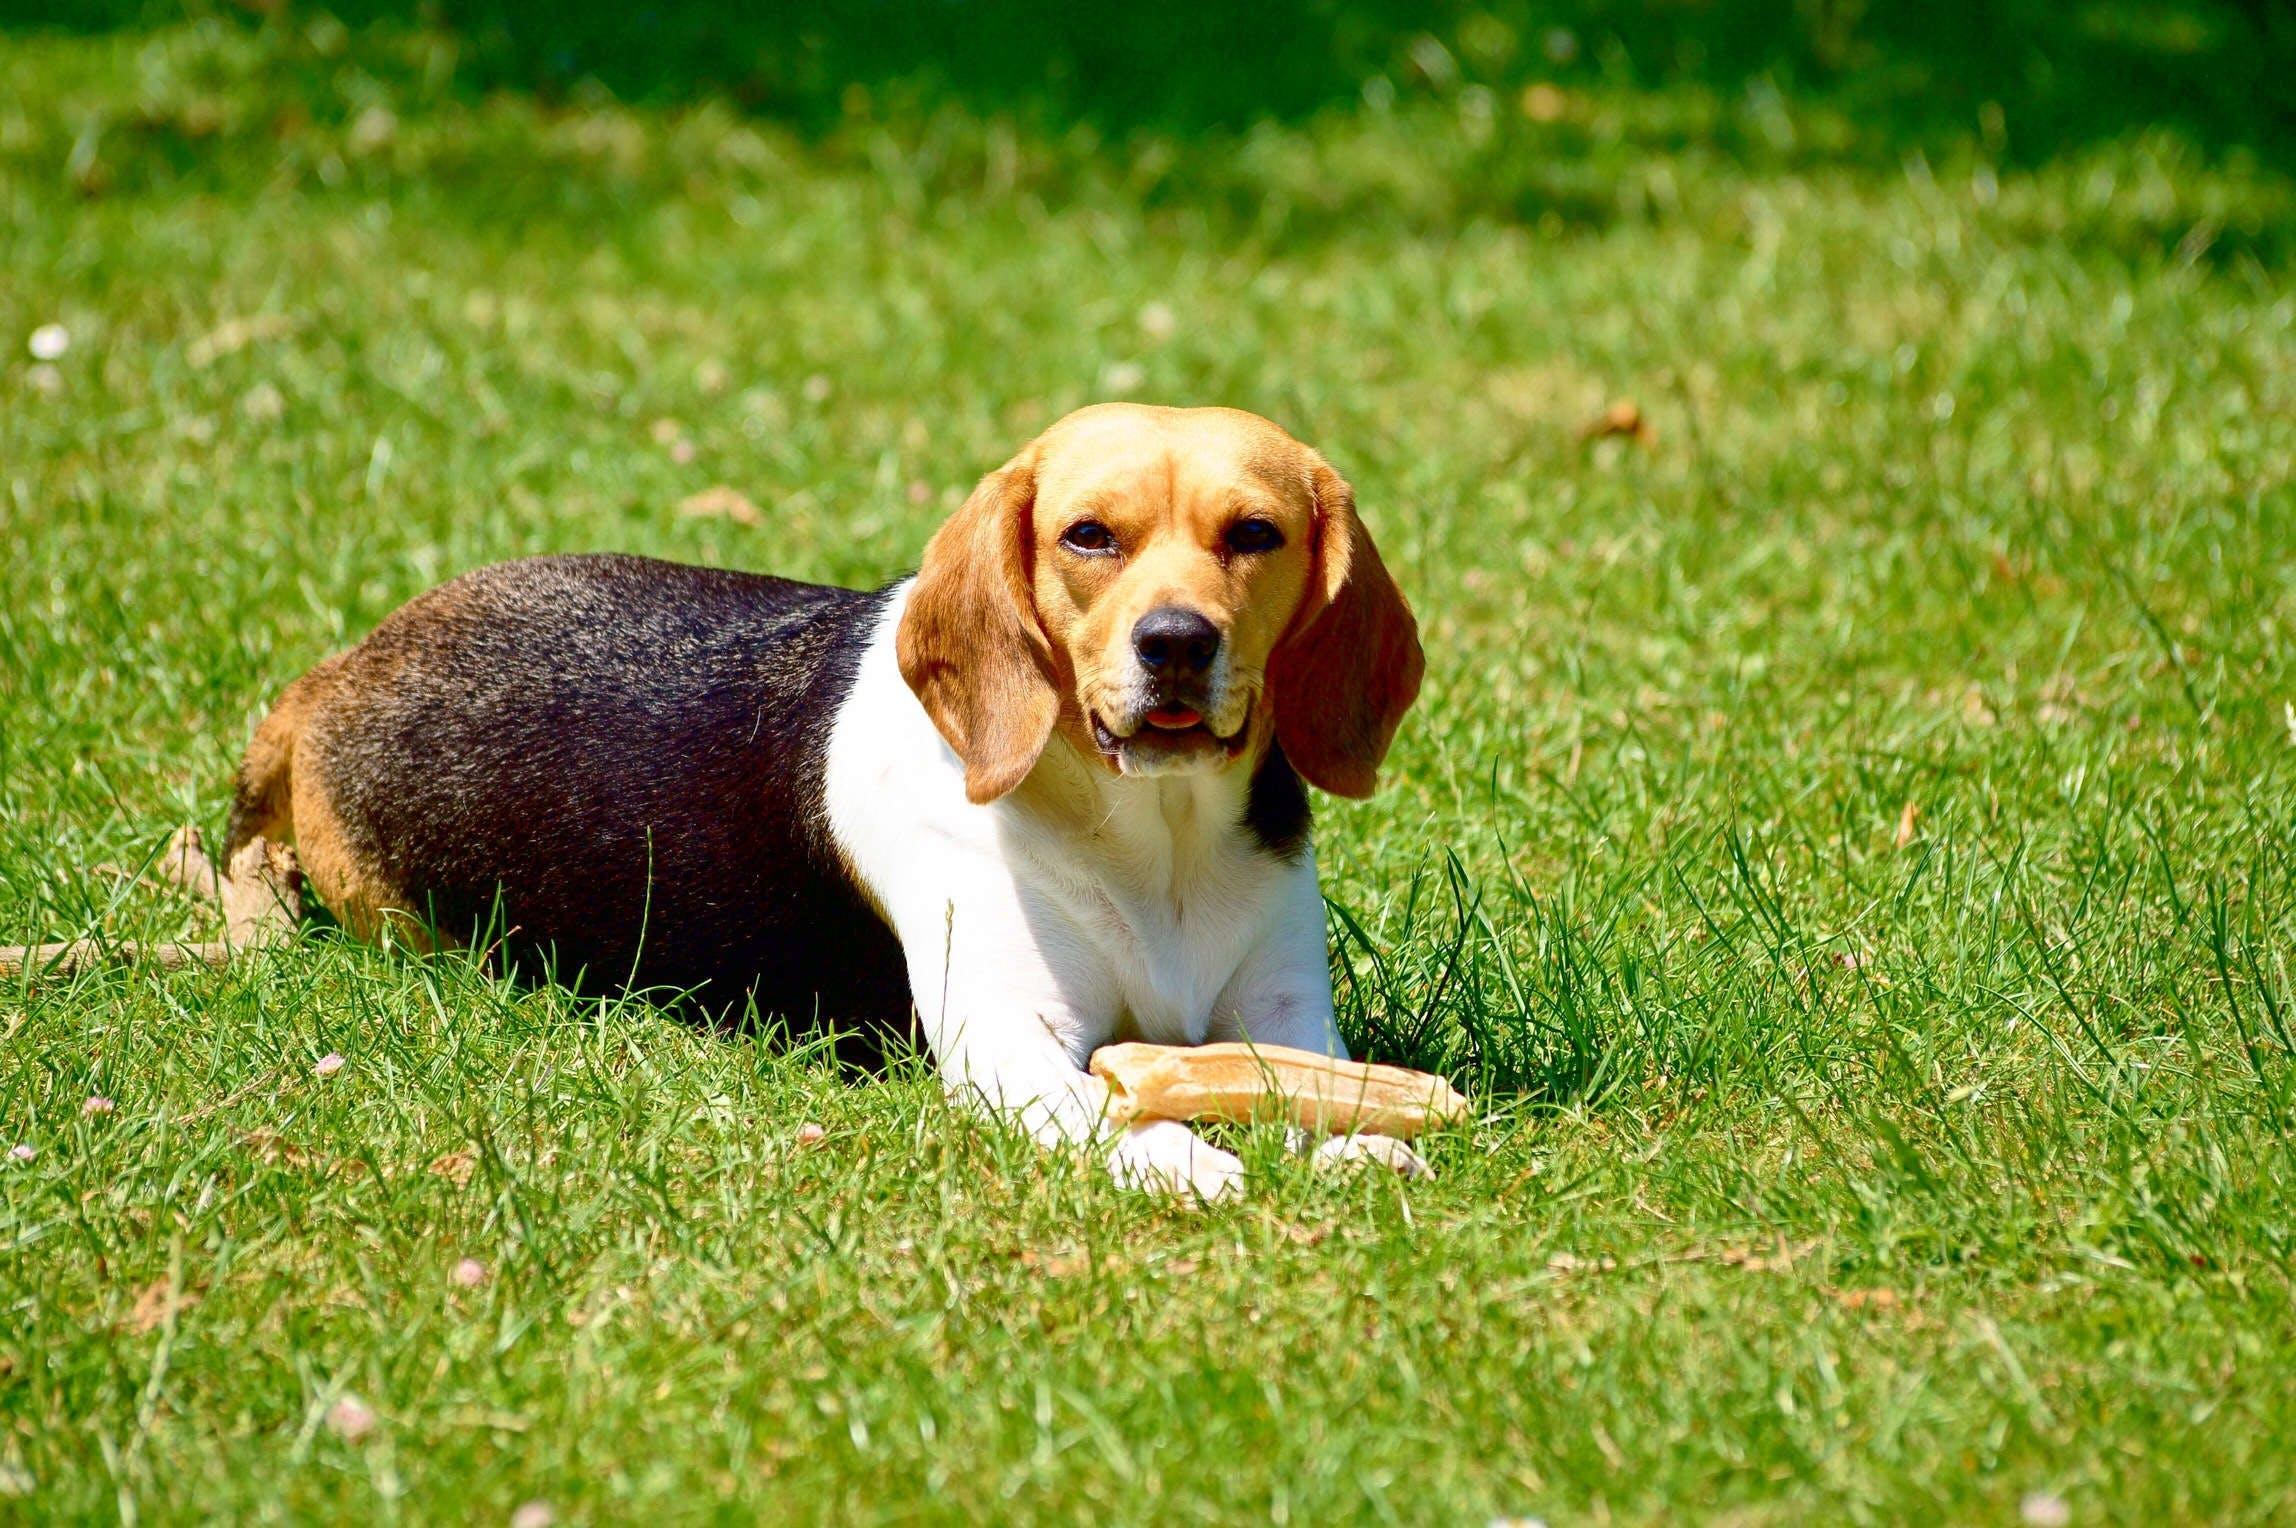 adorable, animal, beagle